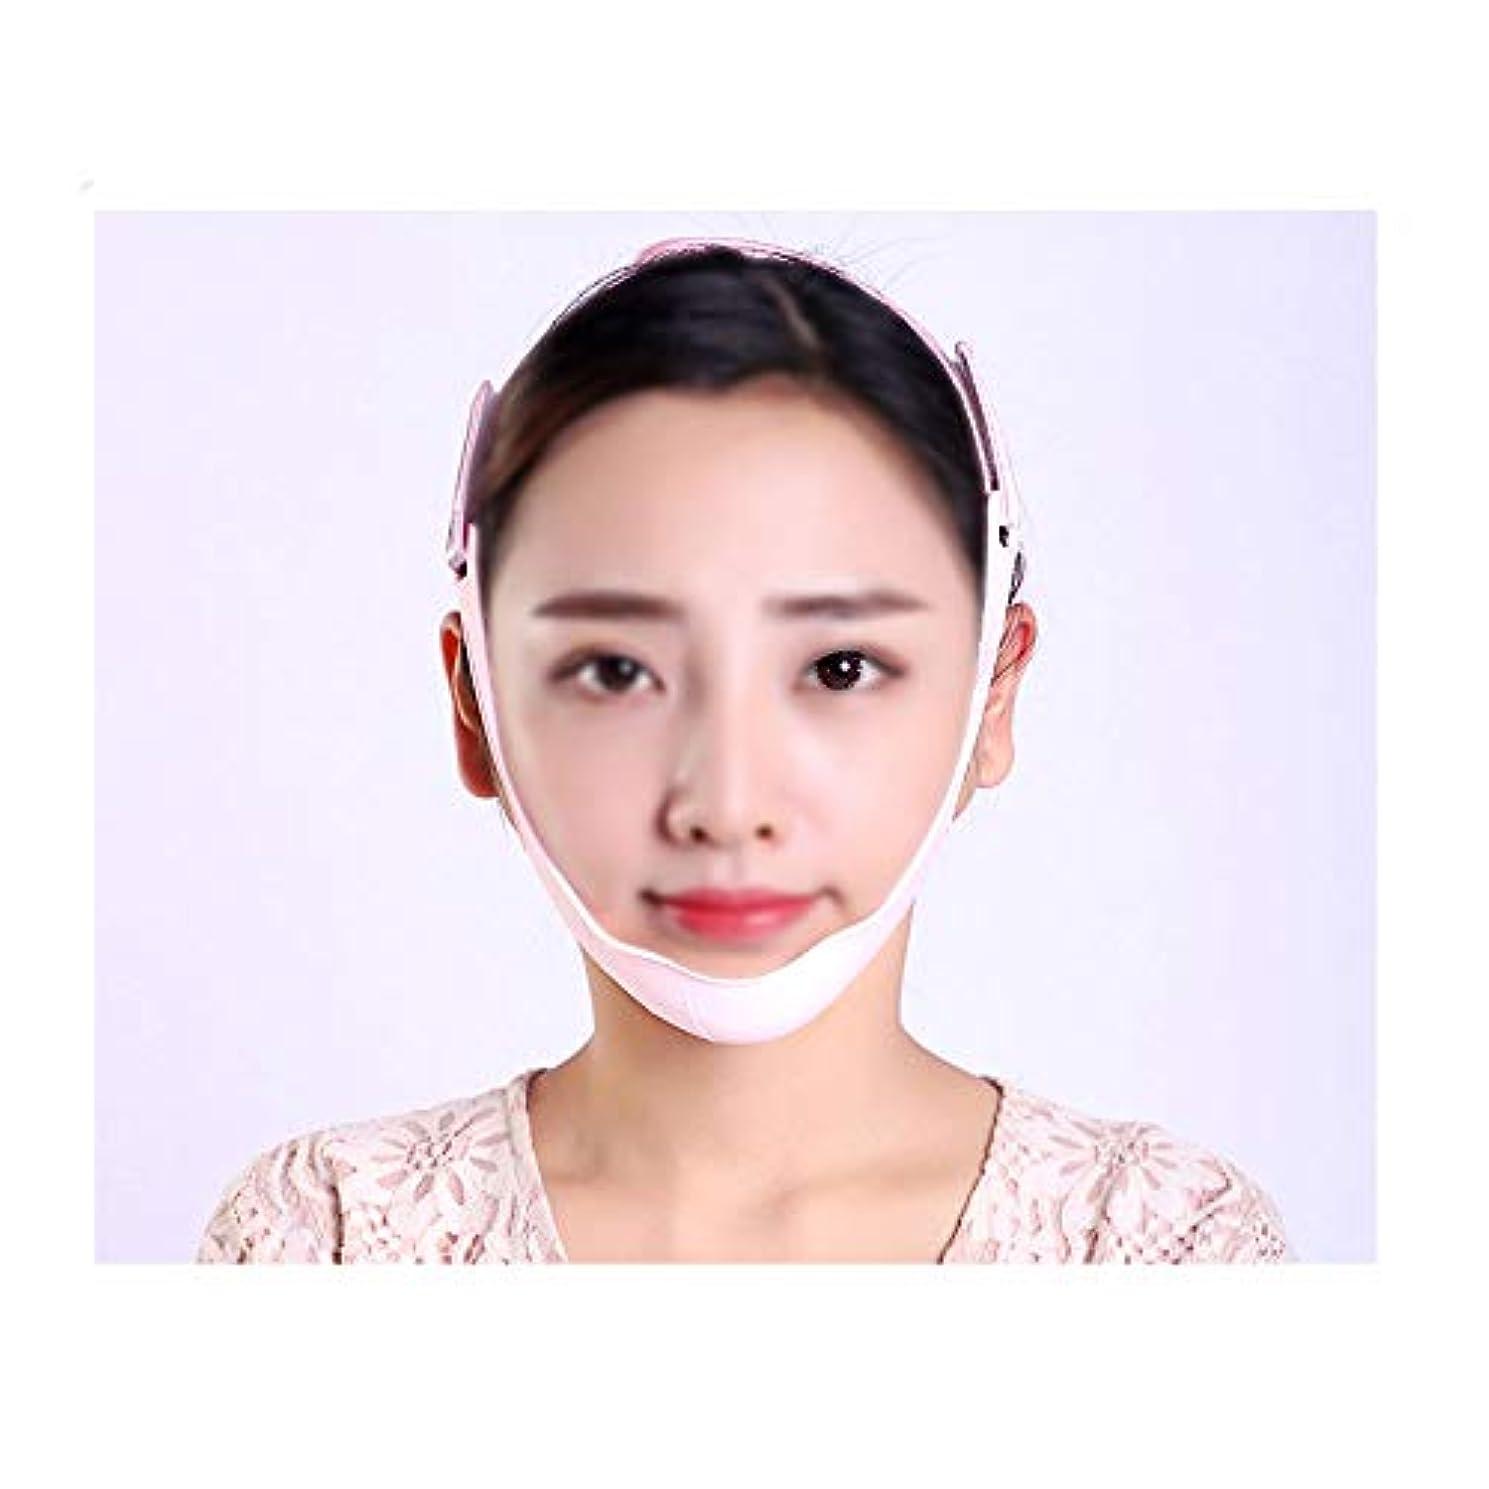 伴う写真を撮るインテリアGLJJQMY フェイシャルファーミングマスクリフティングフェイシャルファーミングボディマッセンスキニー包帯通気性二重層顎痩身マスク 顔用整形マスク